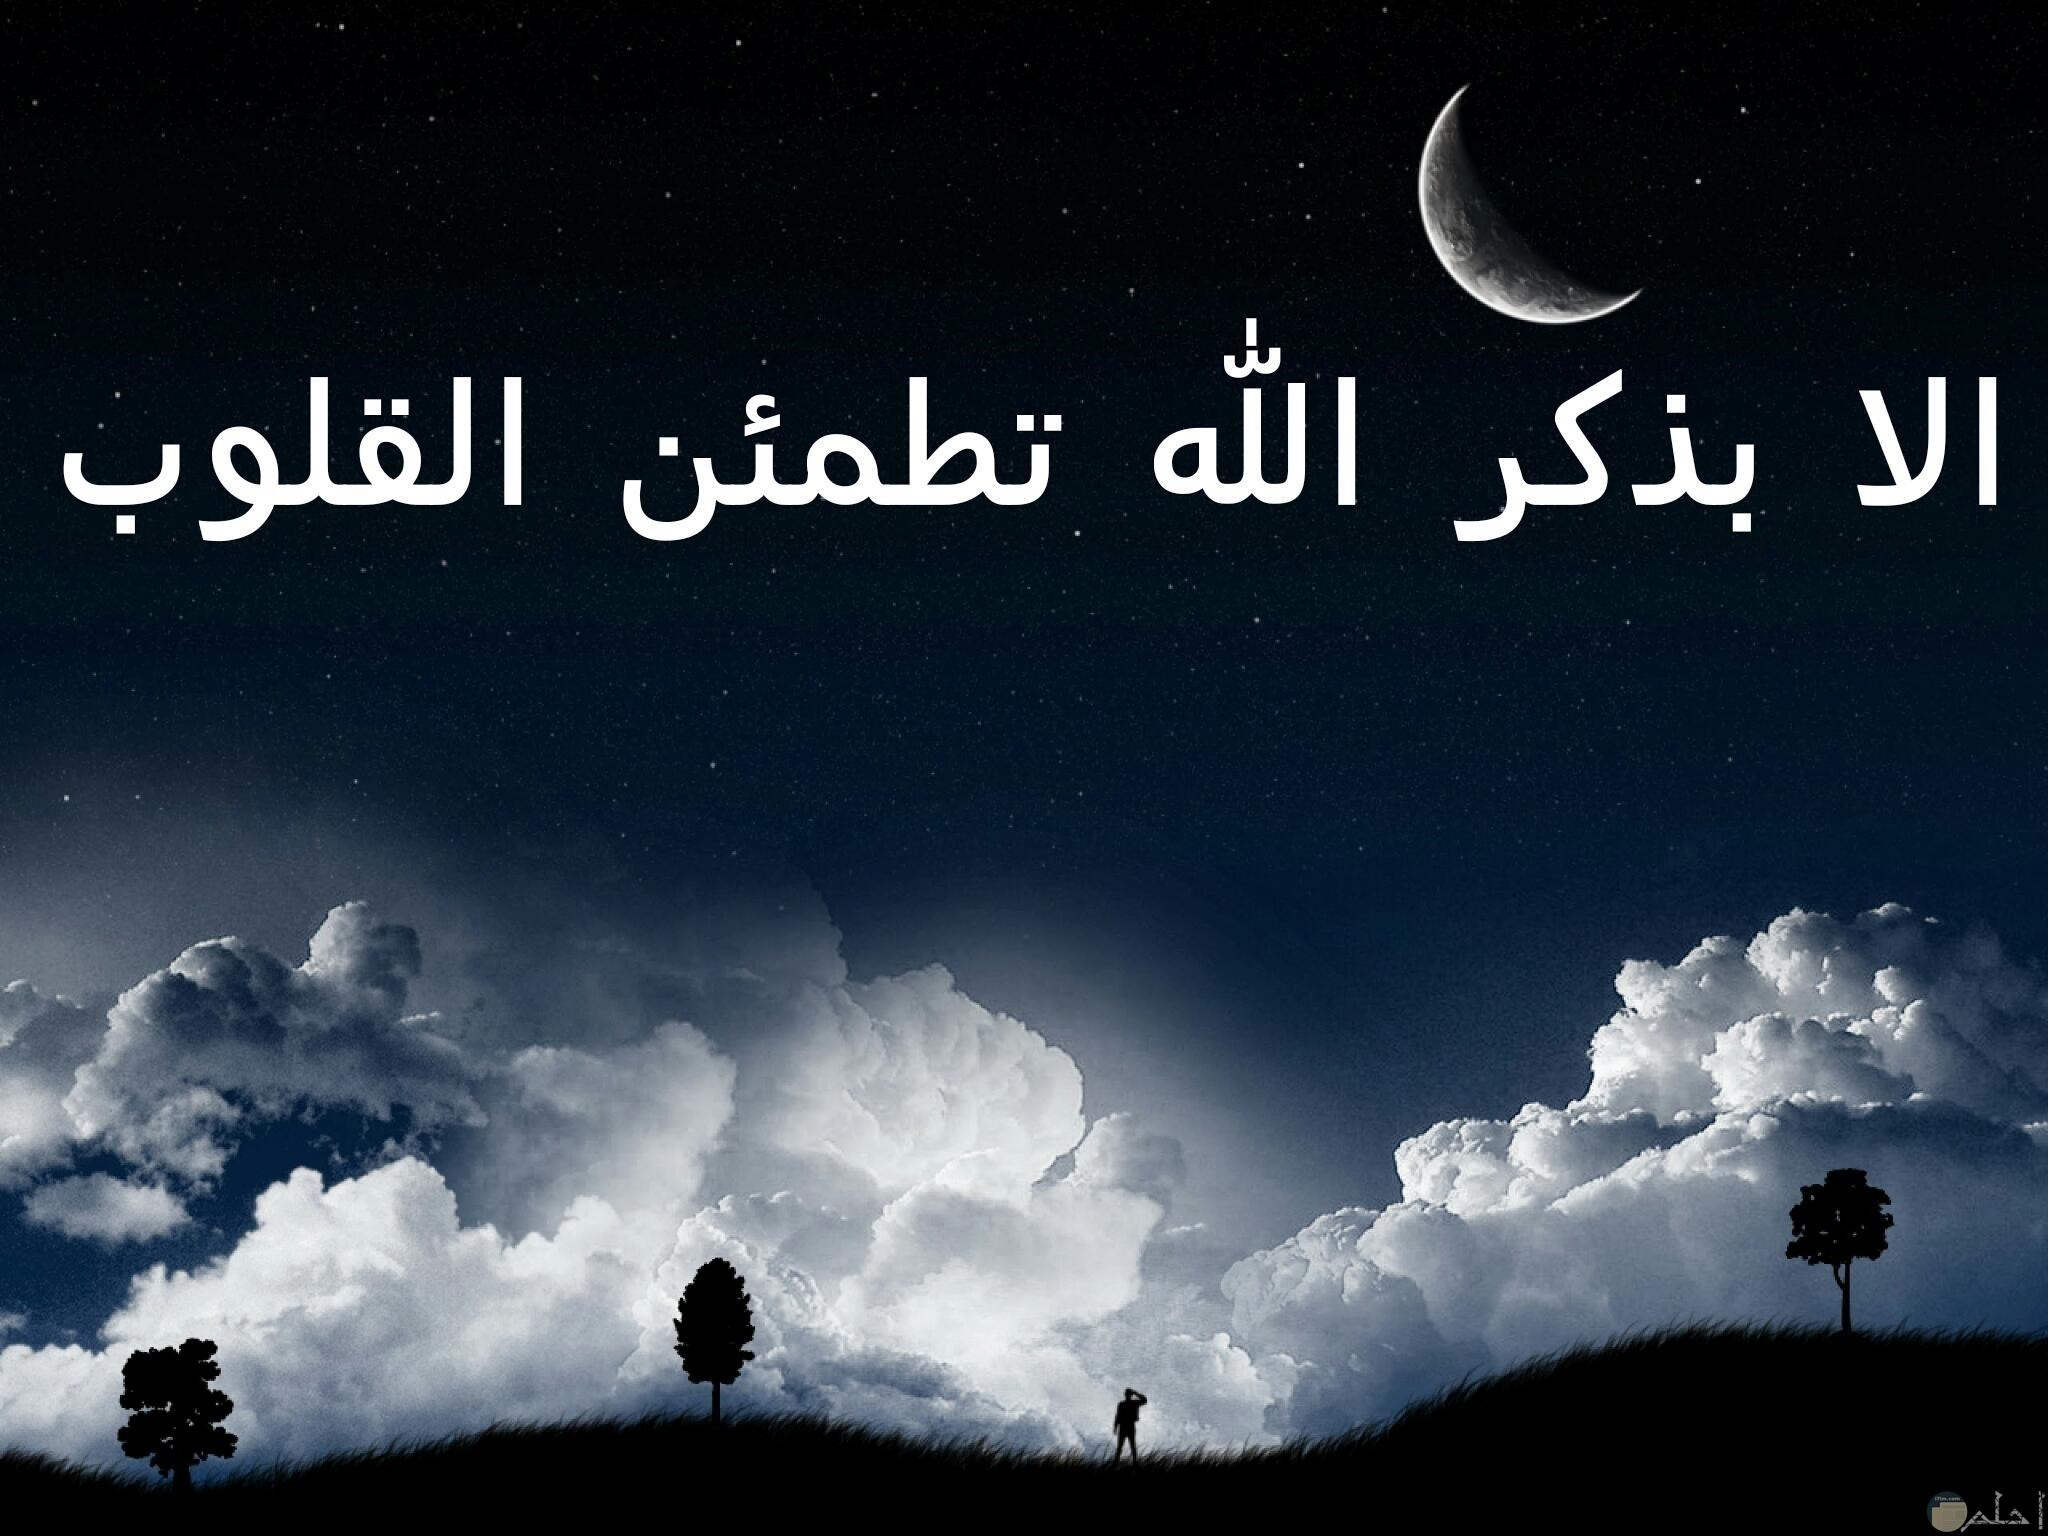 أجمل صور فيس بوك حزينة ورومانسية وإسلامية